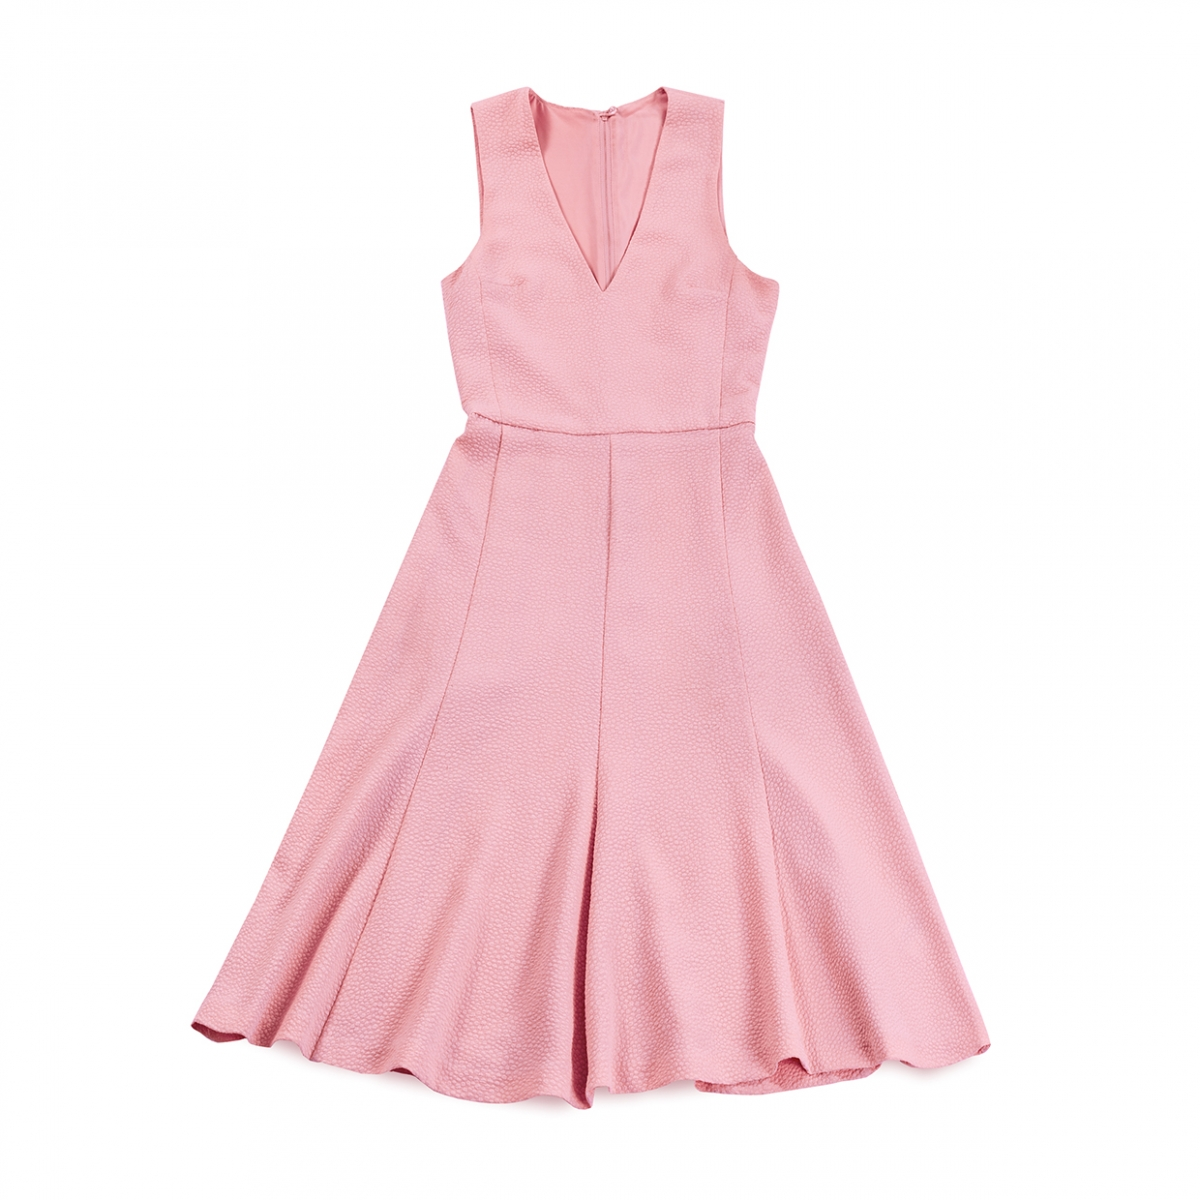 Imagen en la que se ve un vestido